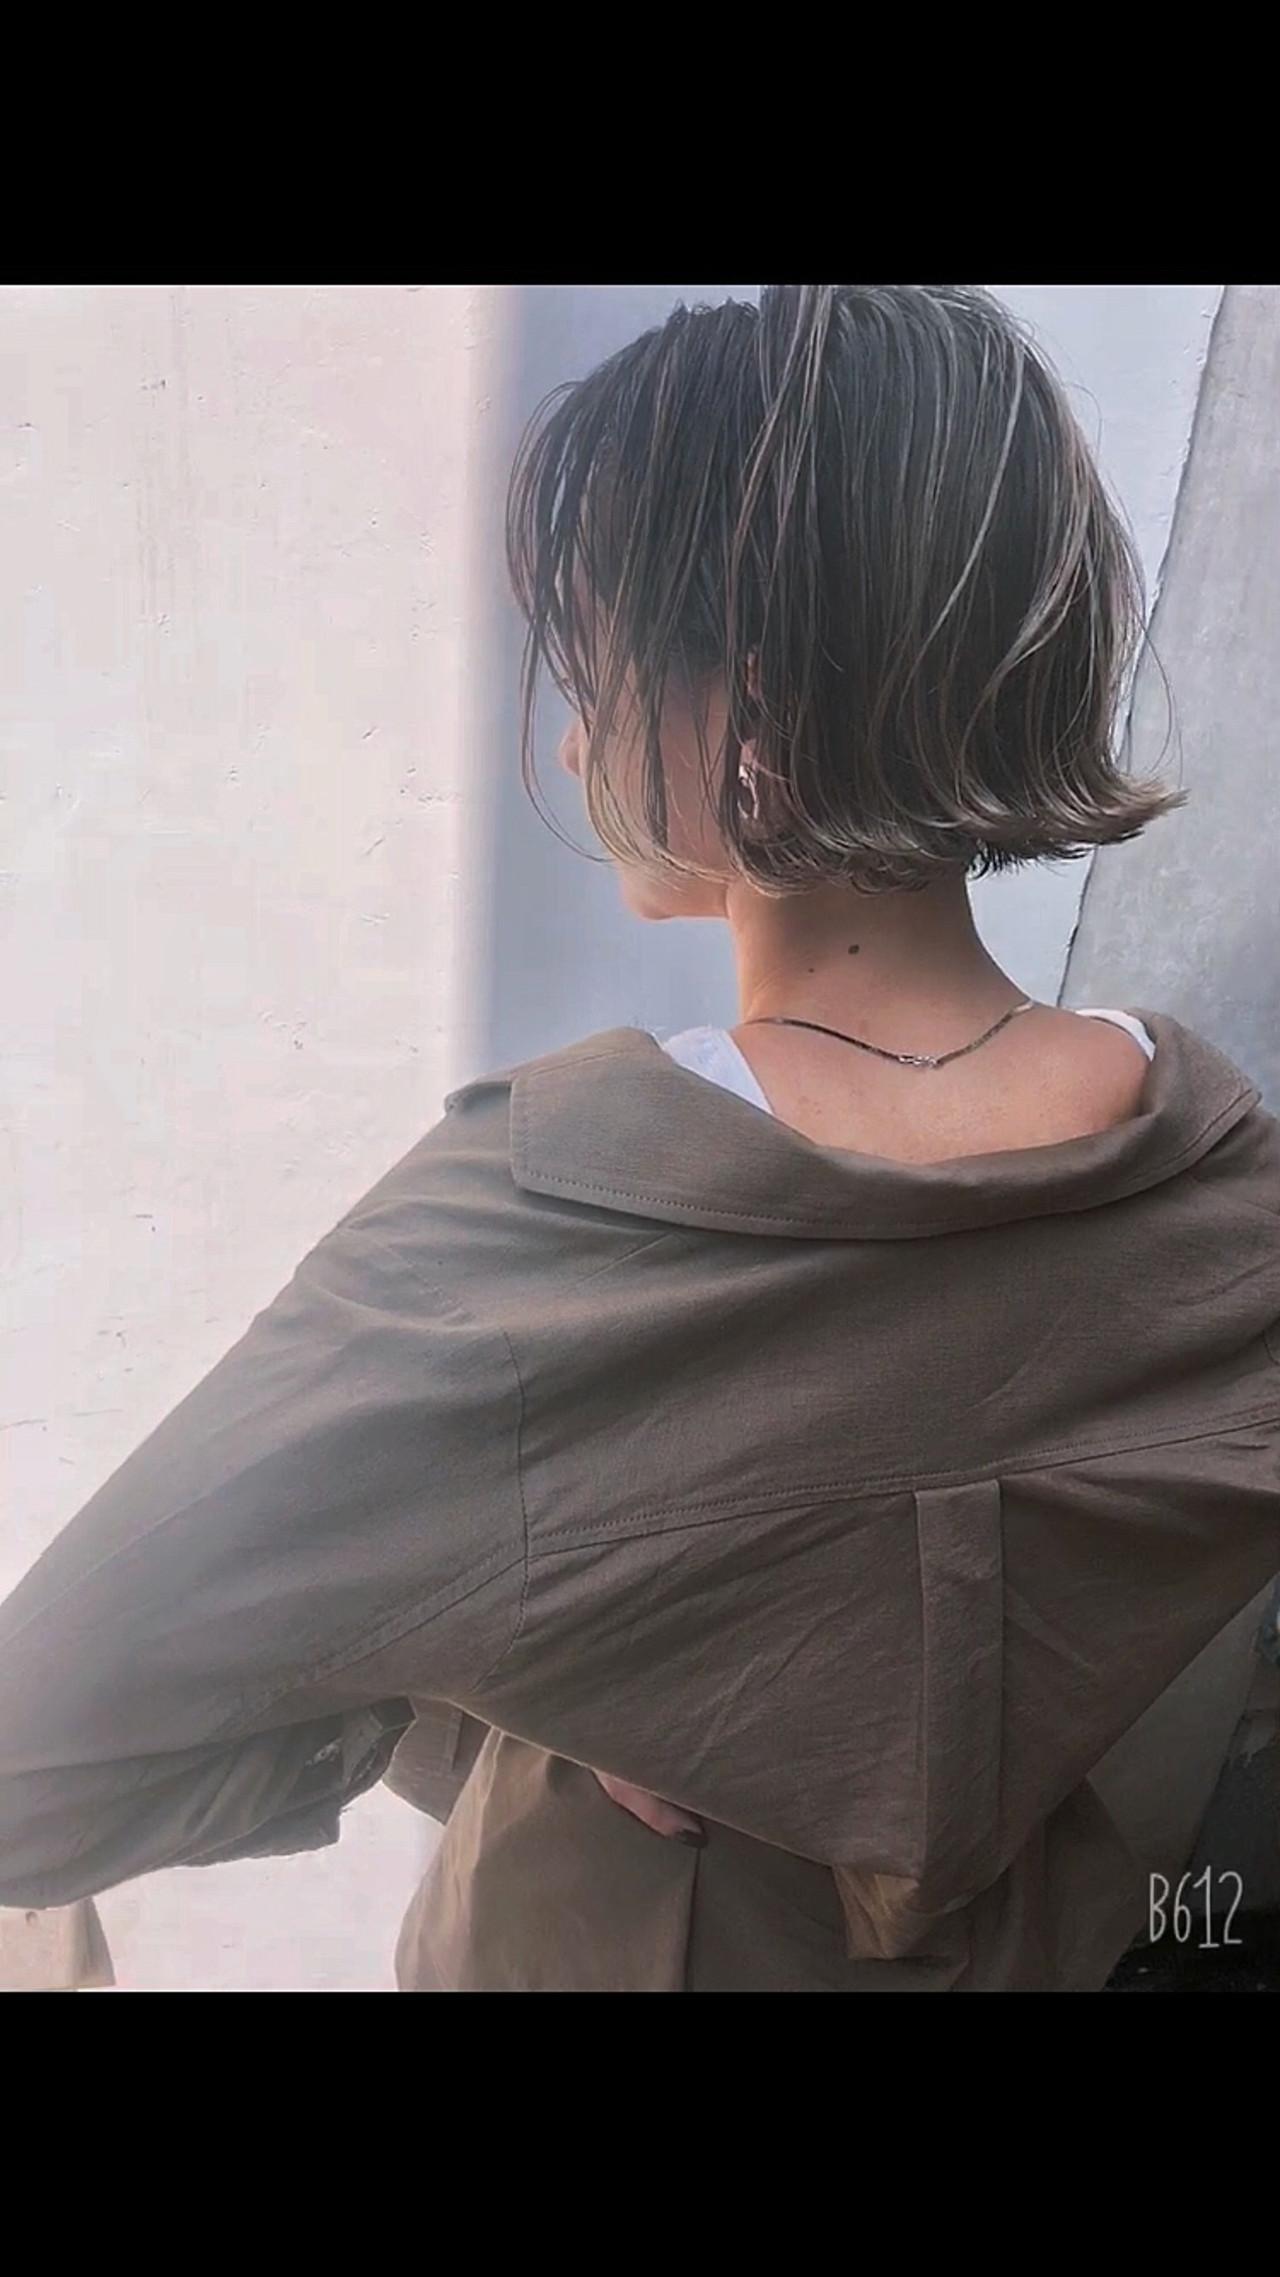 グレージュ ハイライト 外国人風カラー ナチュラル ヘアスタイルや髪型の写真・画像 | 高沼 達也 / byトルネード / トルネード